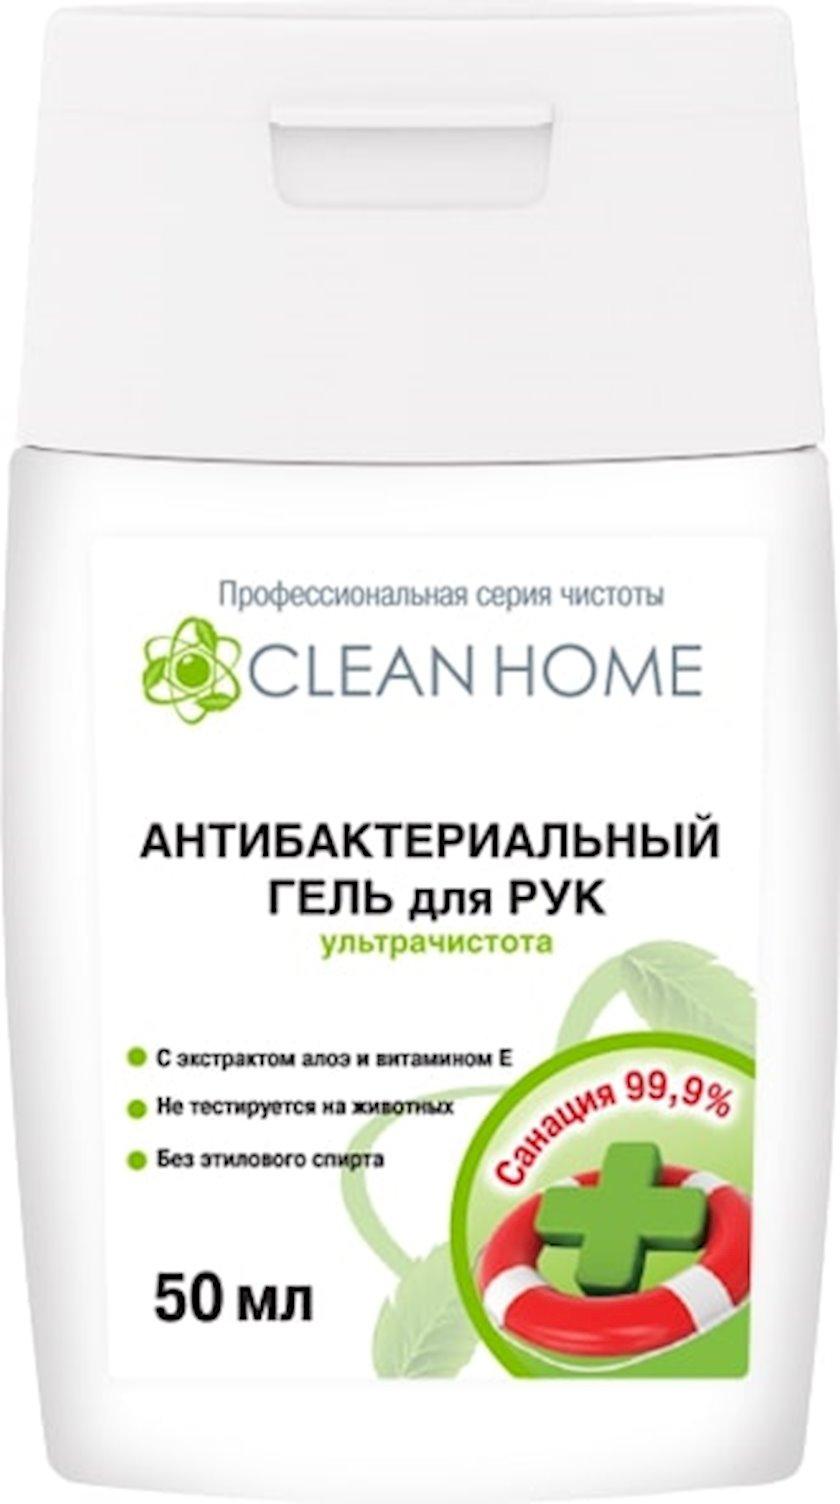 Antibakterial gel Clean Home əllər üçün ultra təmizlik, 50 ml